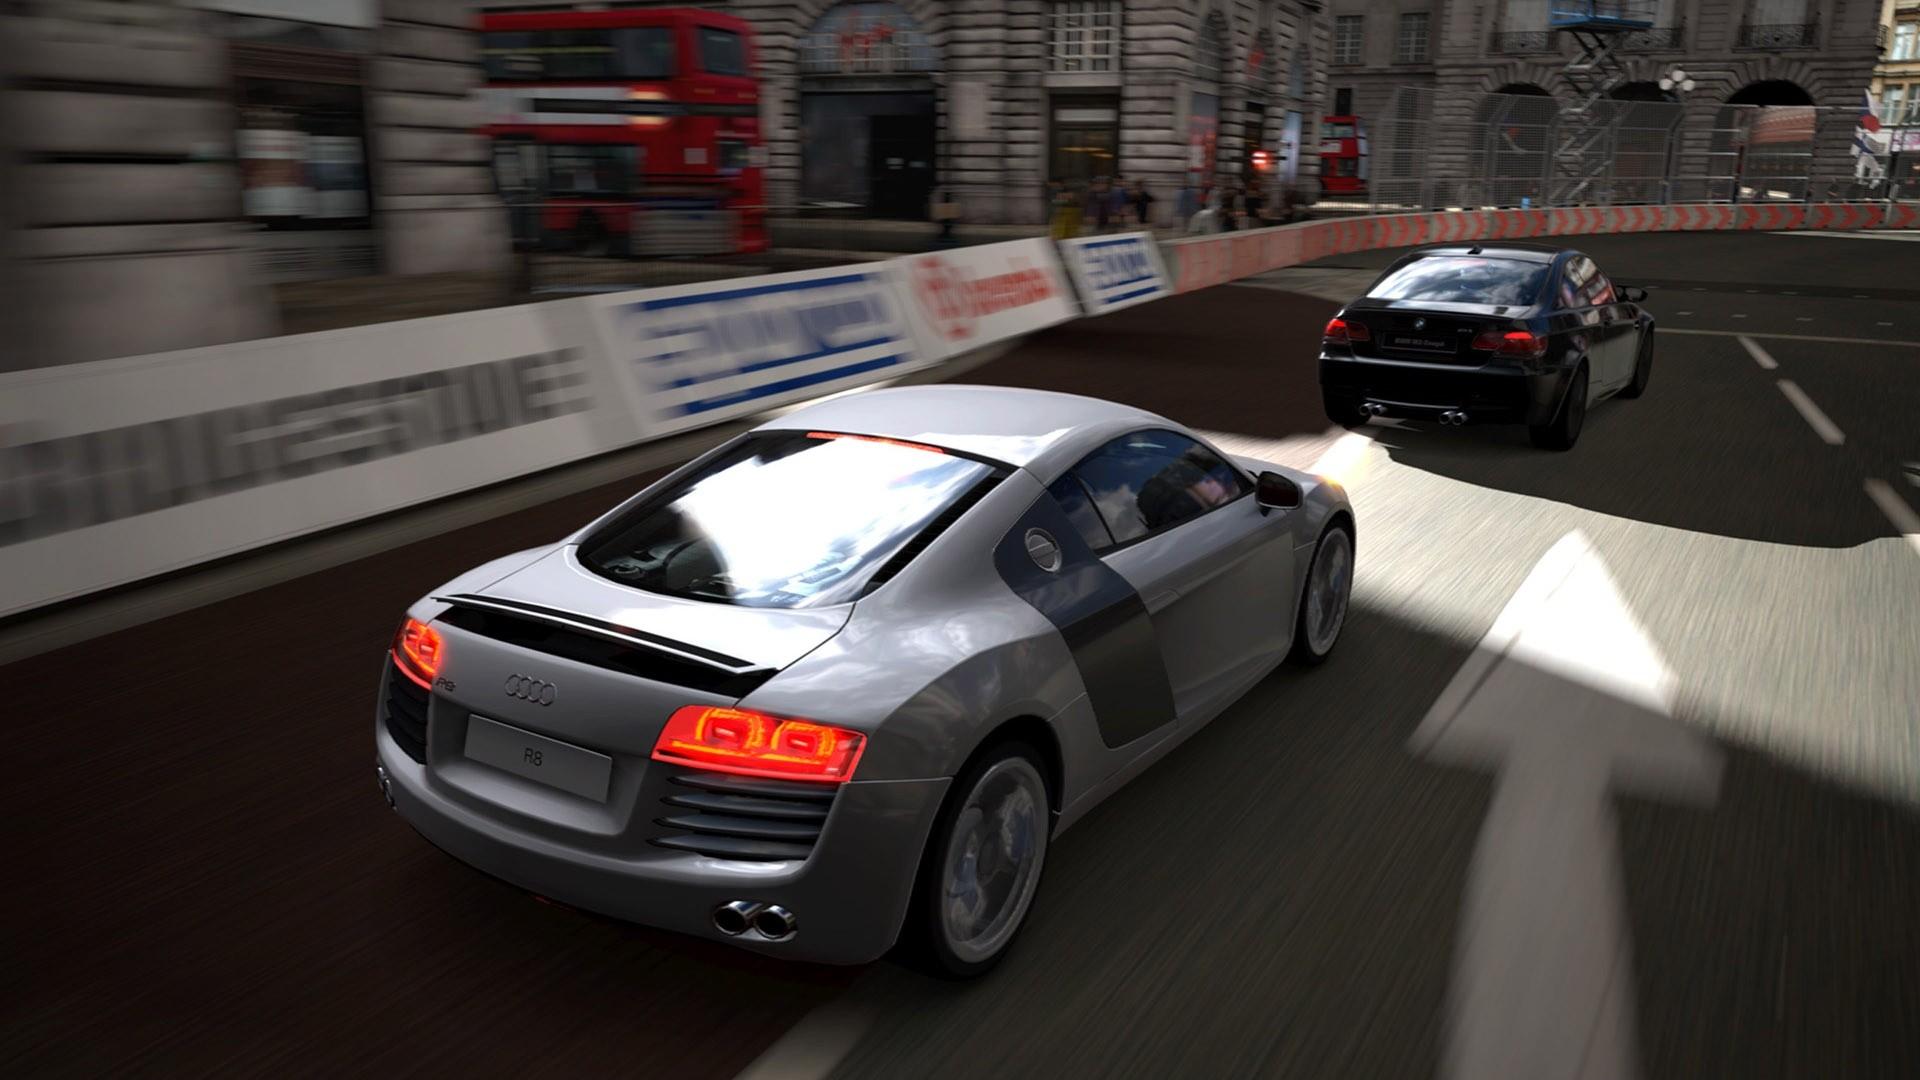 Audi R8 Wallpaper 1920x1080 Audi R8 1920x1080